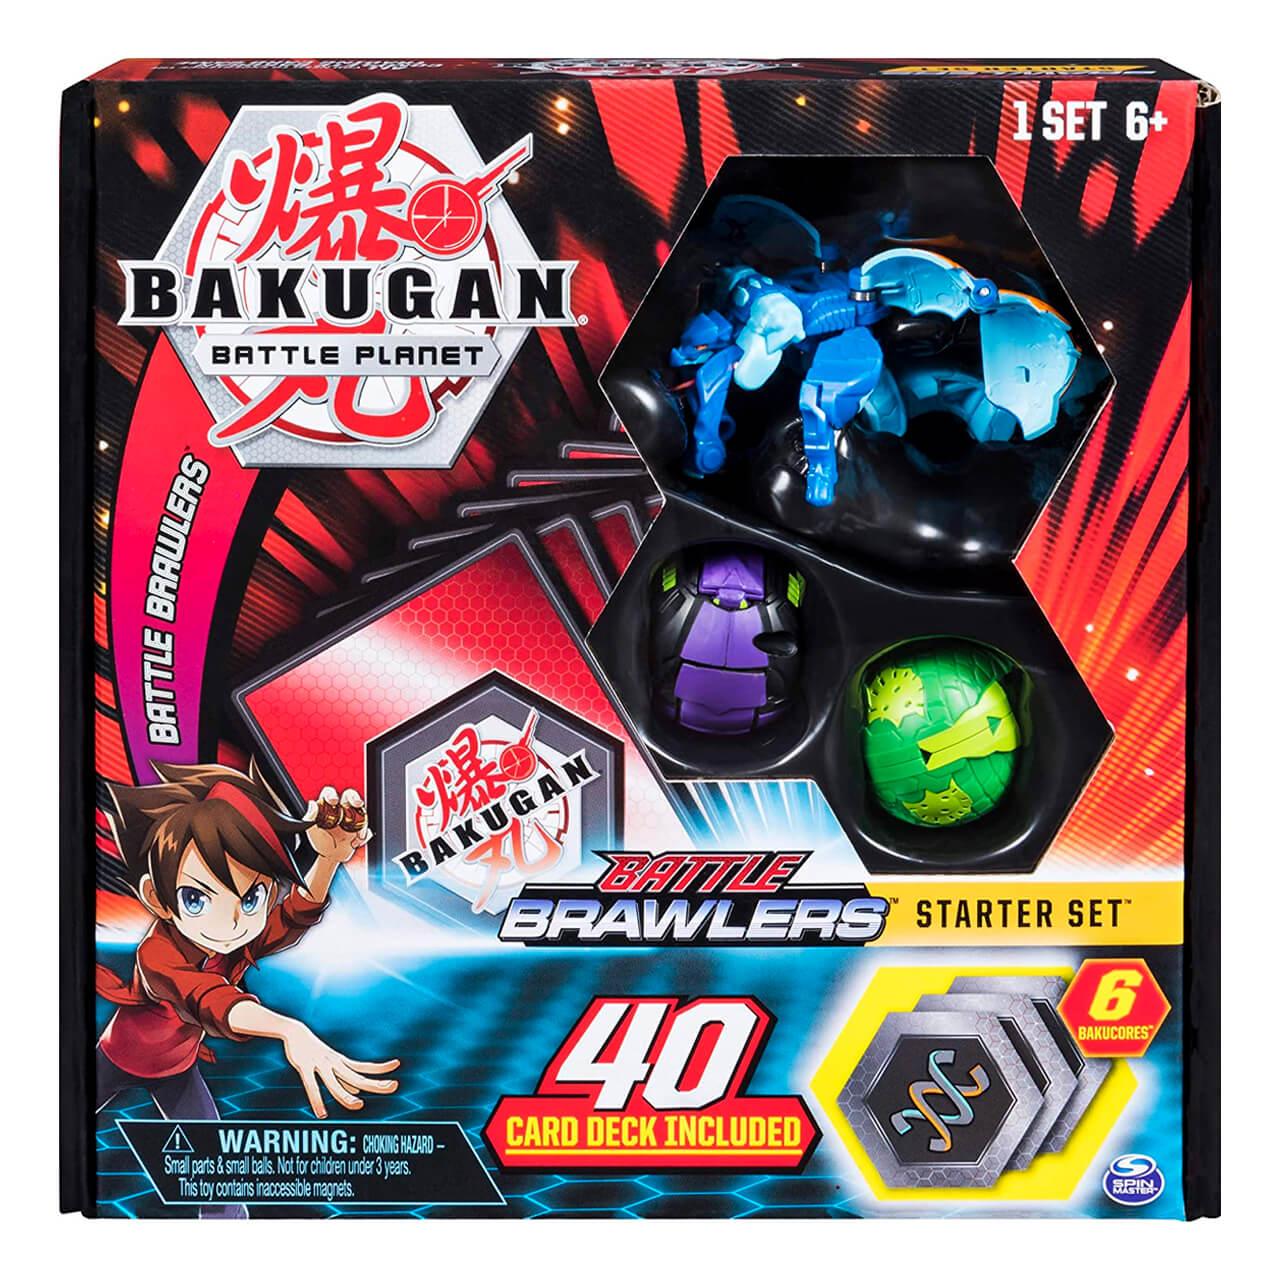 Bakugan Battle Planet - Starter Set: Aquos Garganoid Ultra